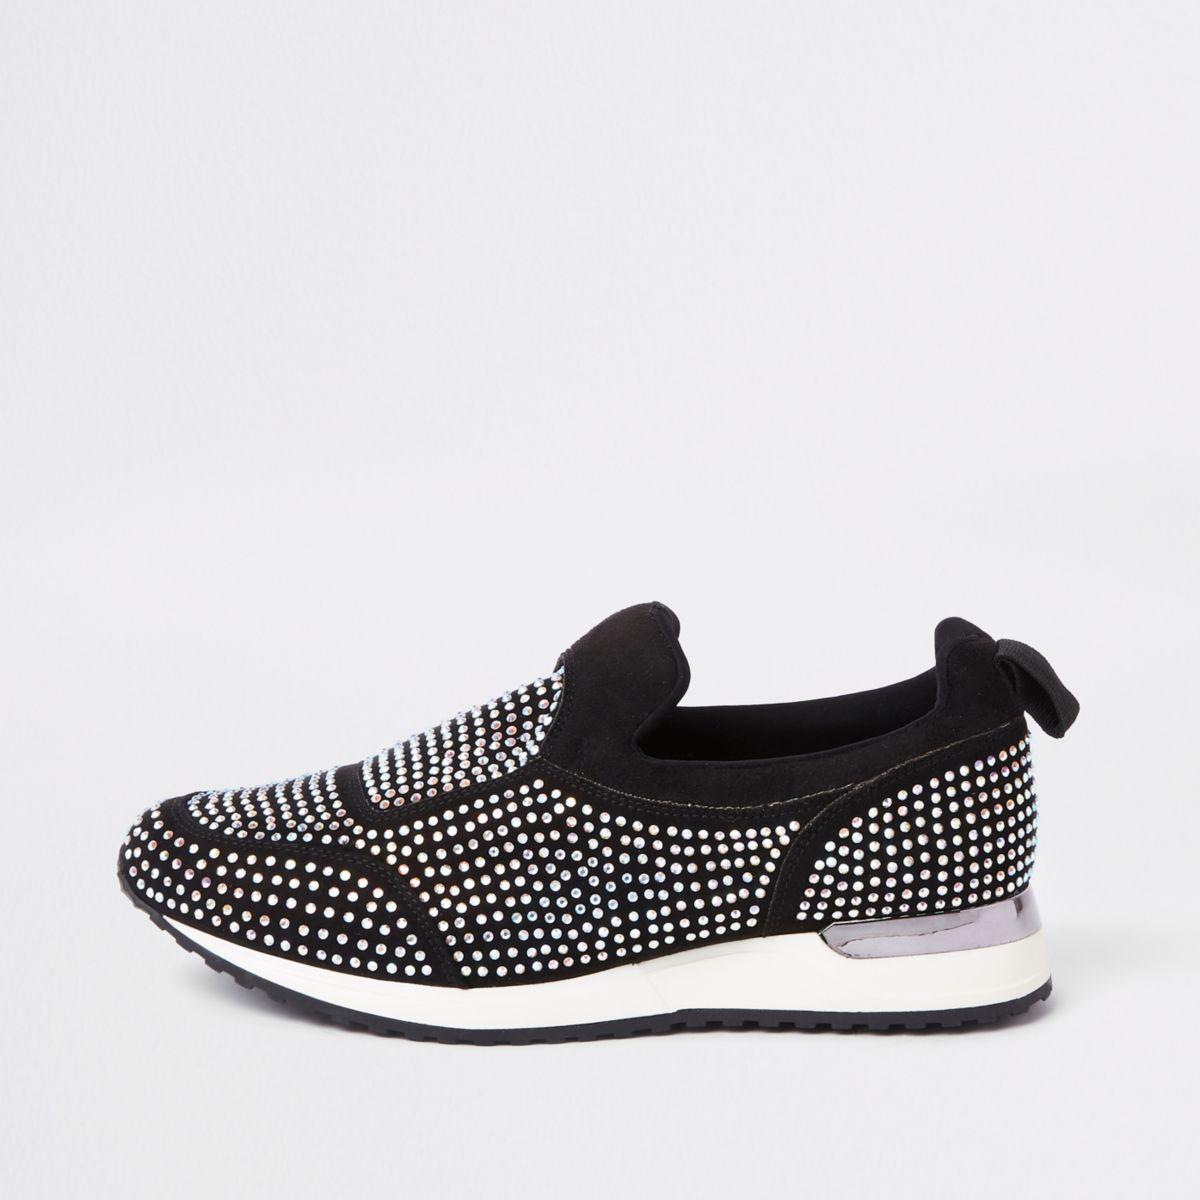 Black sequin heatseal sneakers